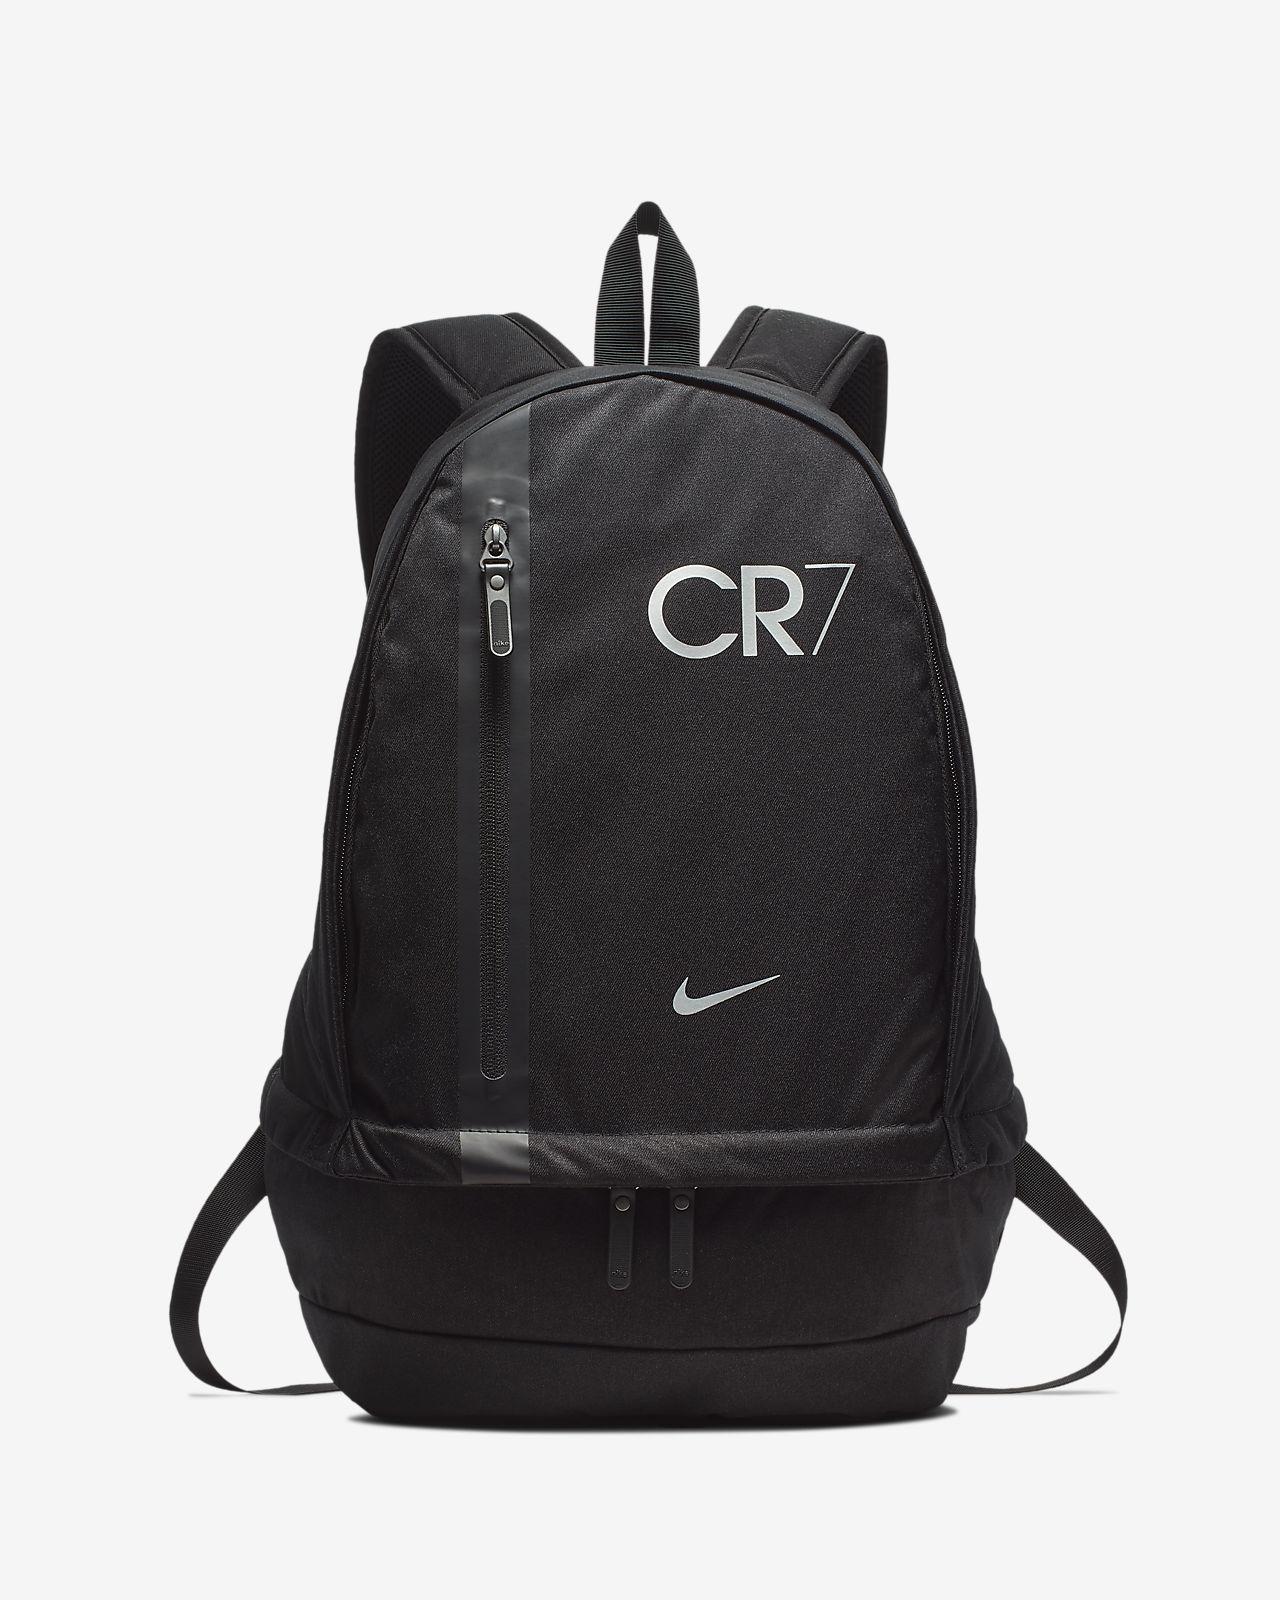 824d9090377d CR7 Cheyenne Backpack. Nike.com AU